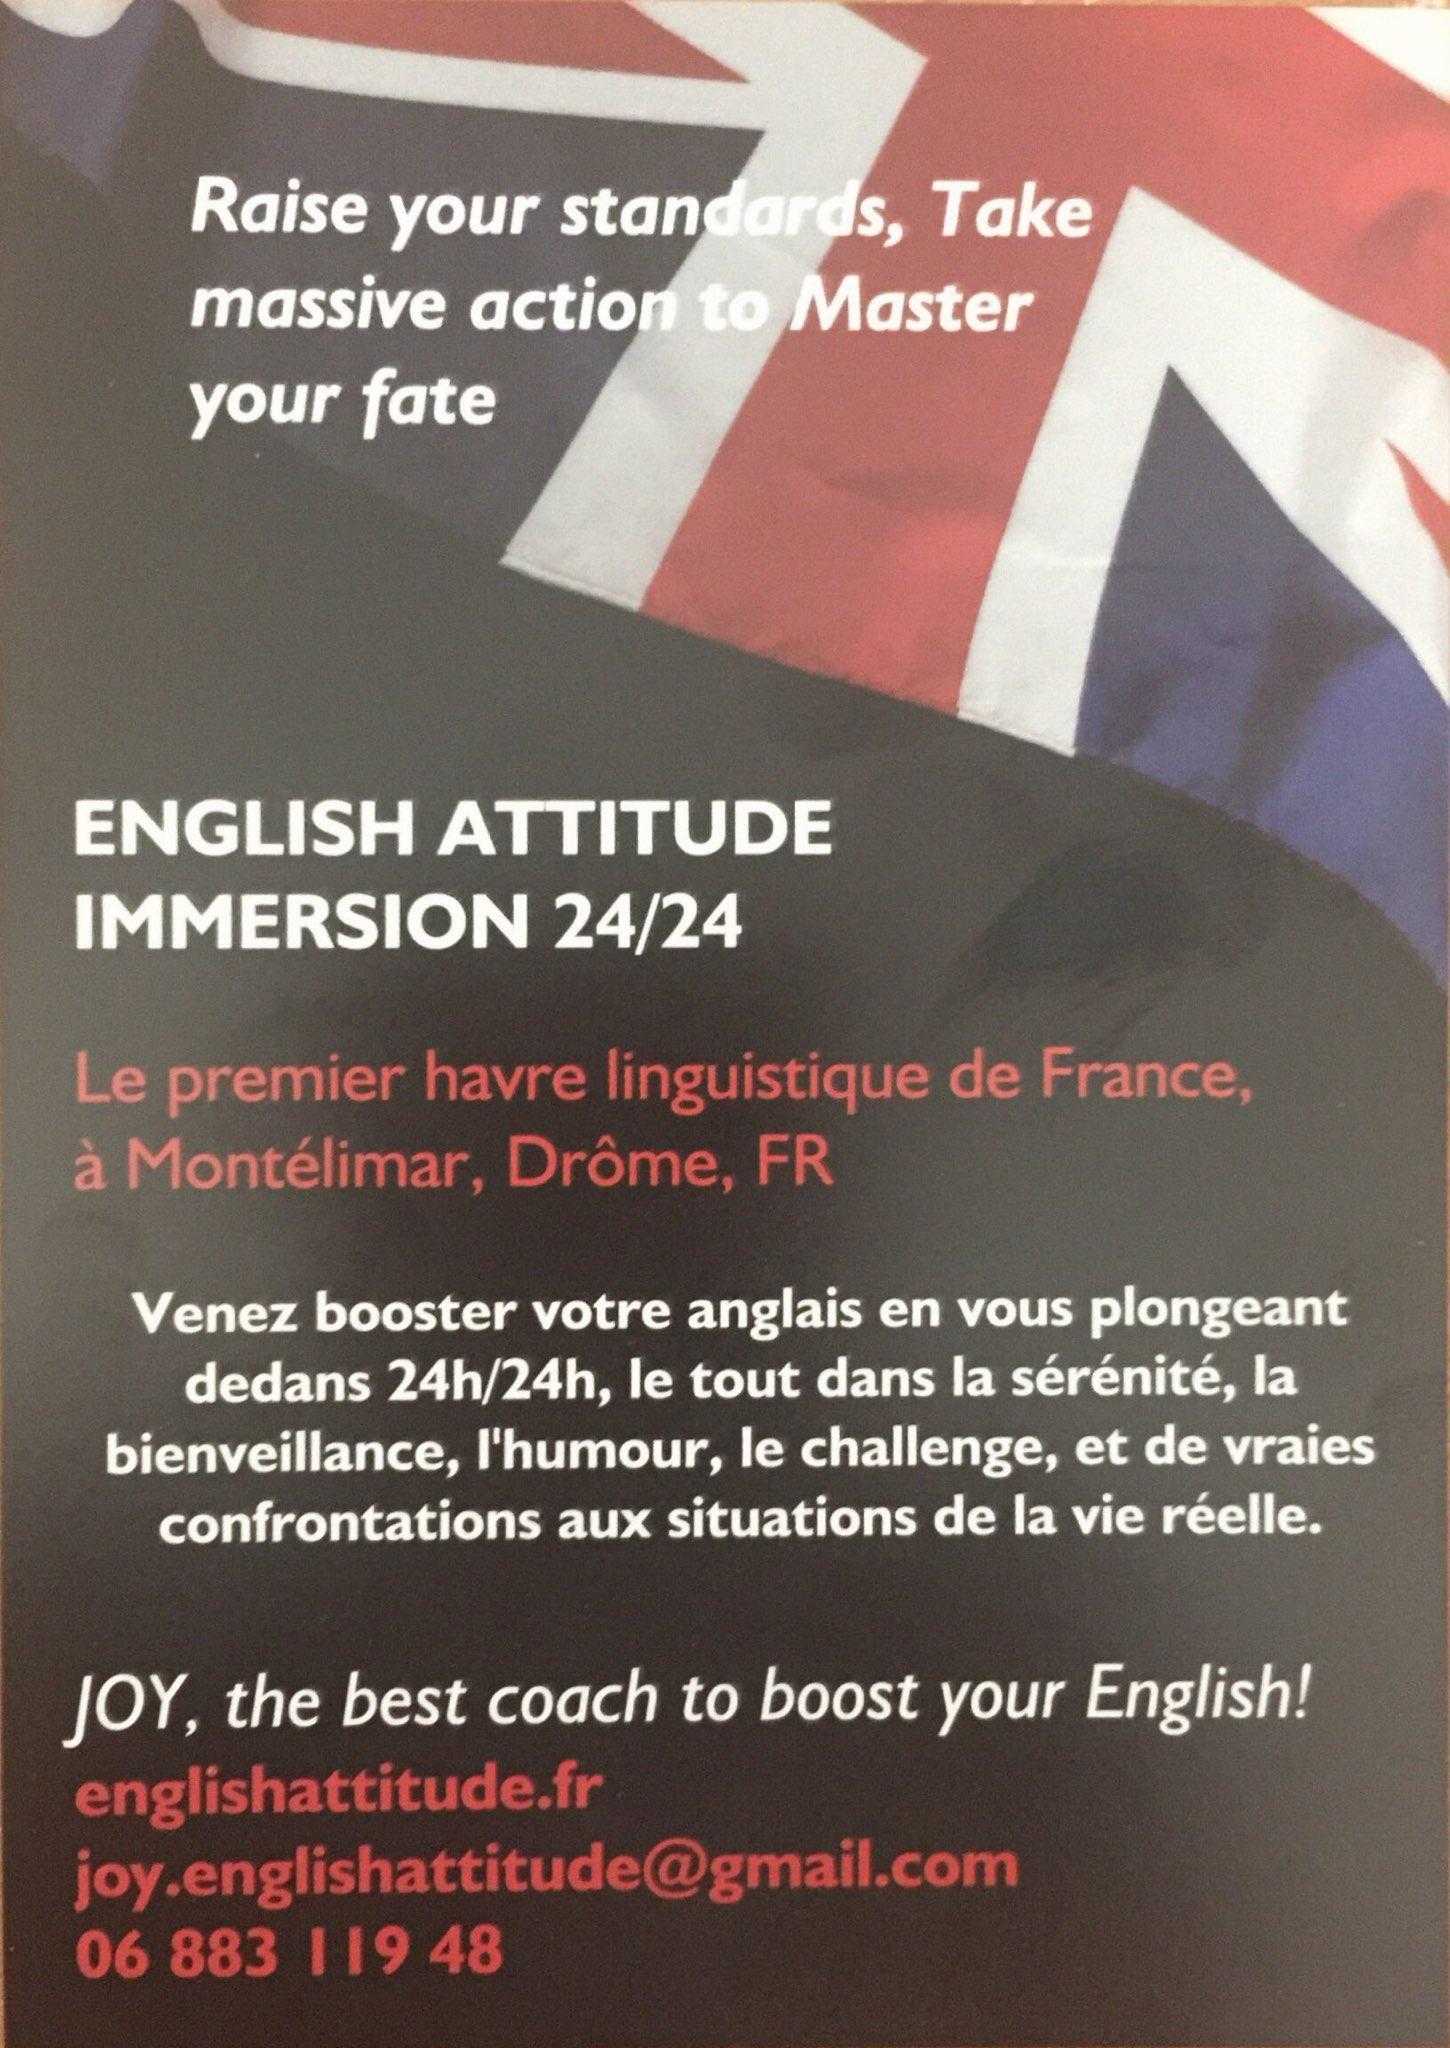 ENGLISH ATTITUDE IMMERSION 24/24